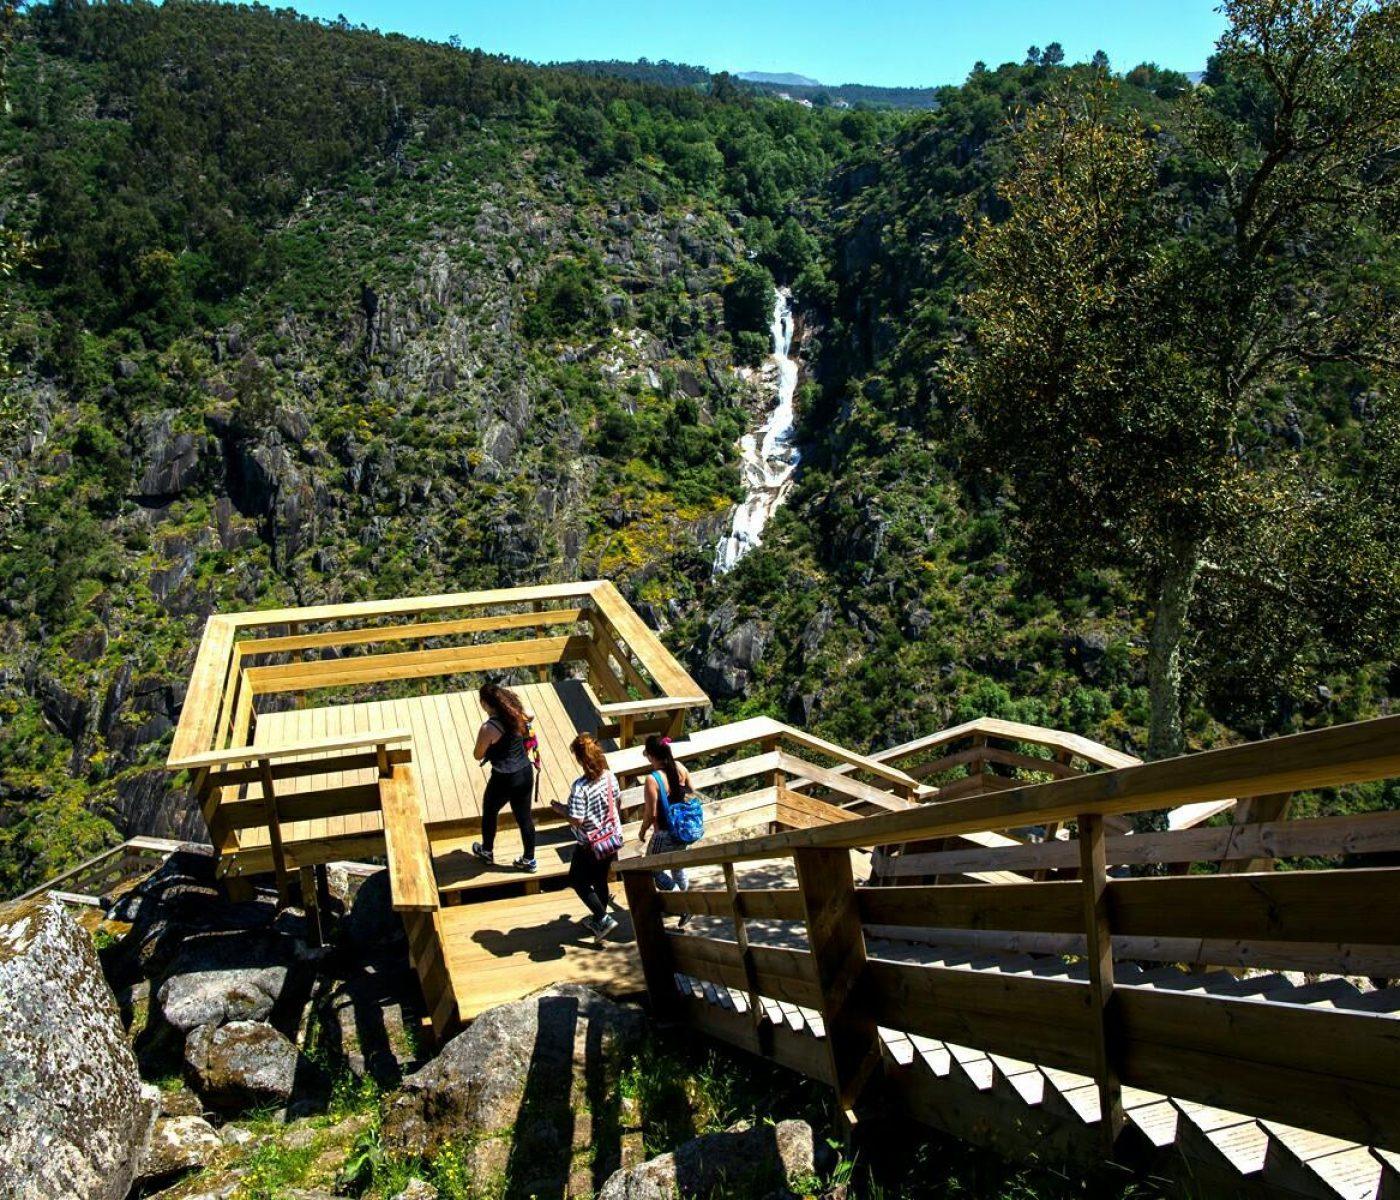 Quinta de Águia - Alojamento Local - Guest House - Atividades - EnjoyDouro